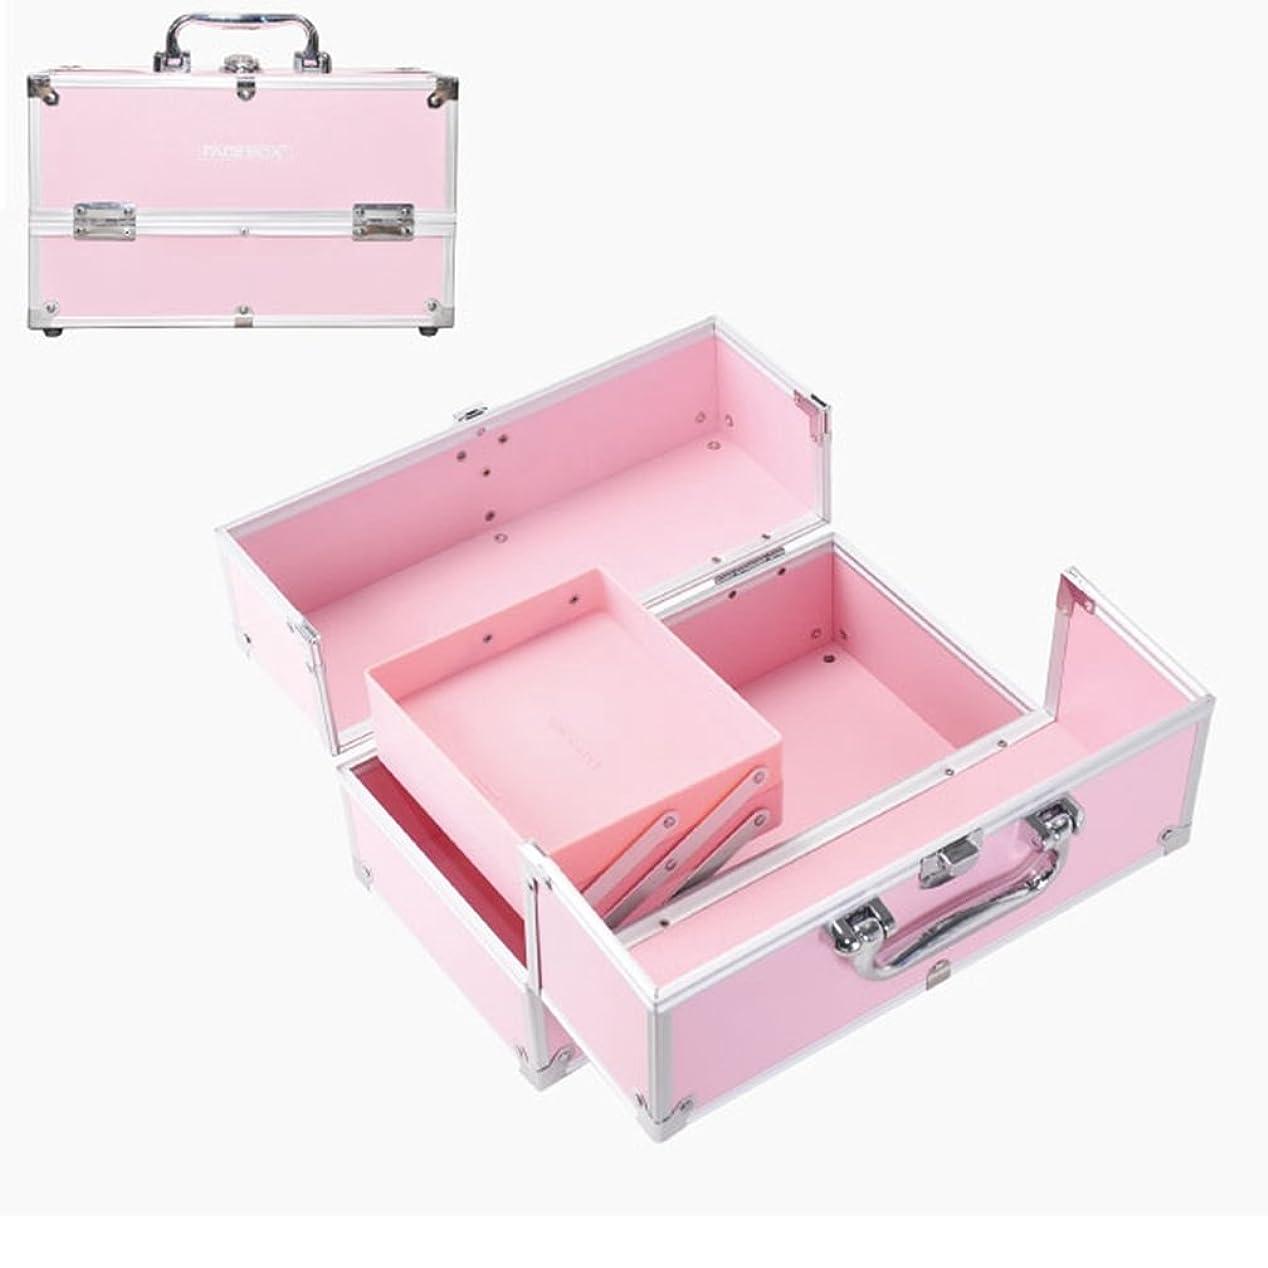 宣教師蚊ループ「XINXIKEJI」メイクボックス コスメボックス 大容量 2段/3段 化粧ボックス スプロも納得 収納力抜群 鍵付き かわいい 祝日プレゼント  取っ手付 コスメBOX